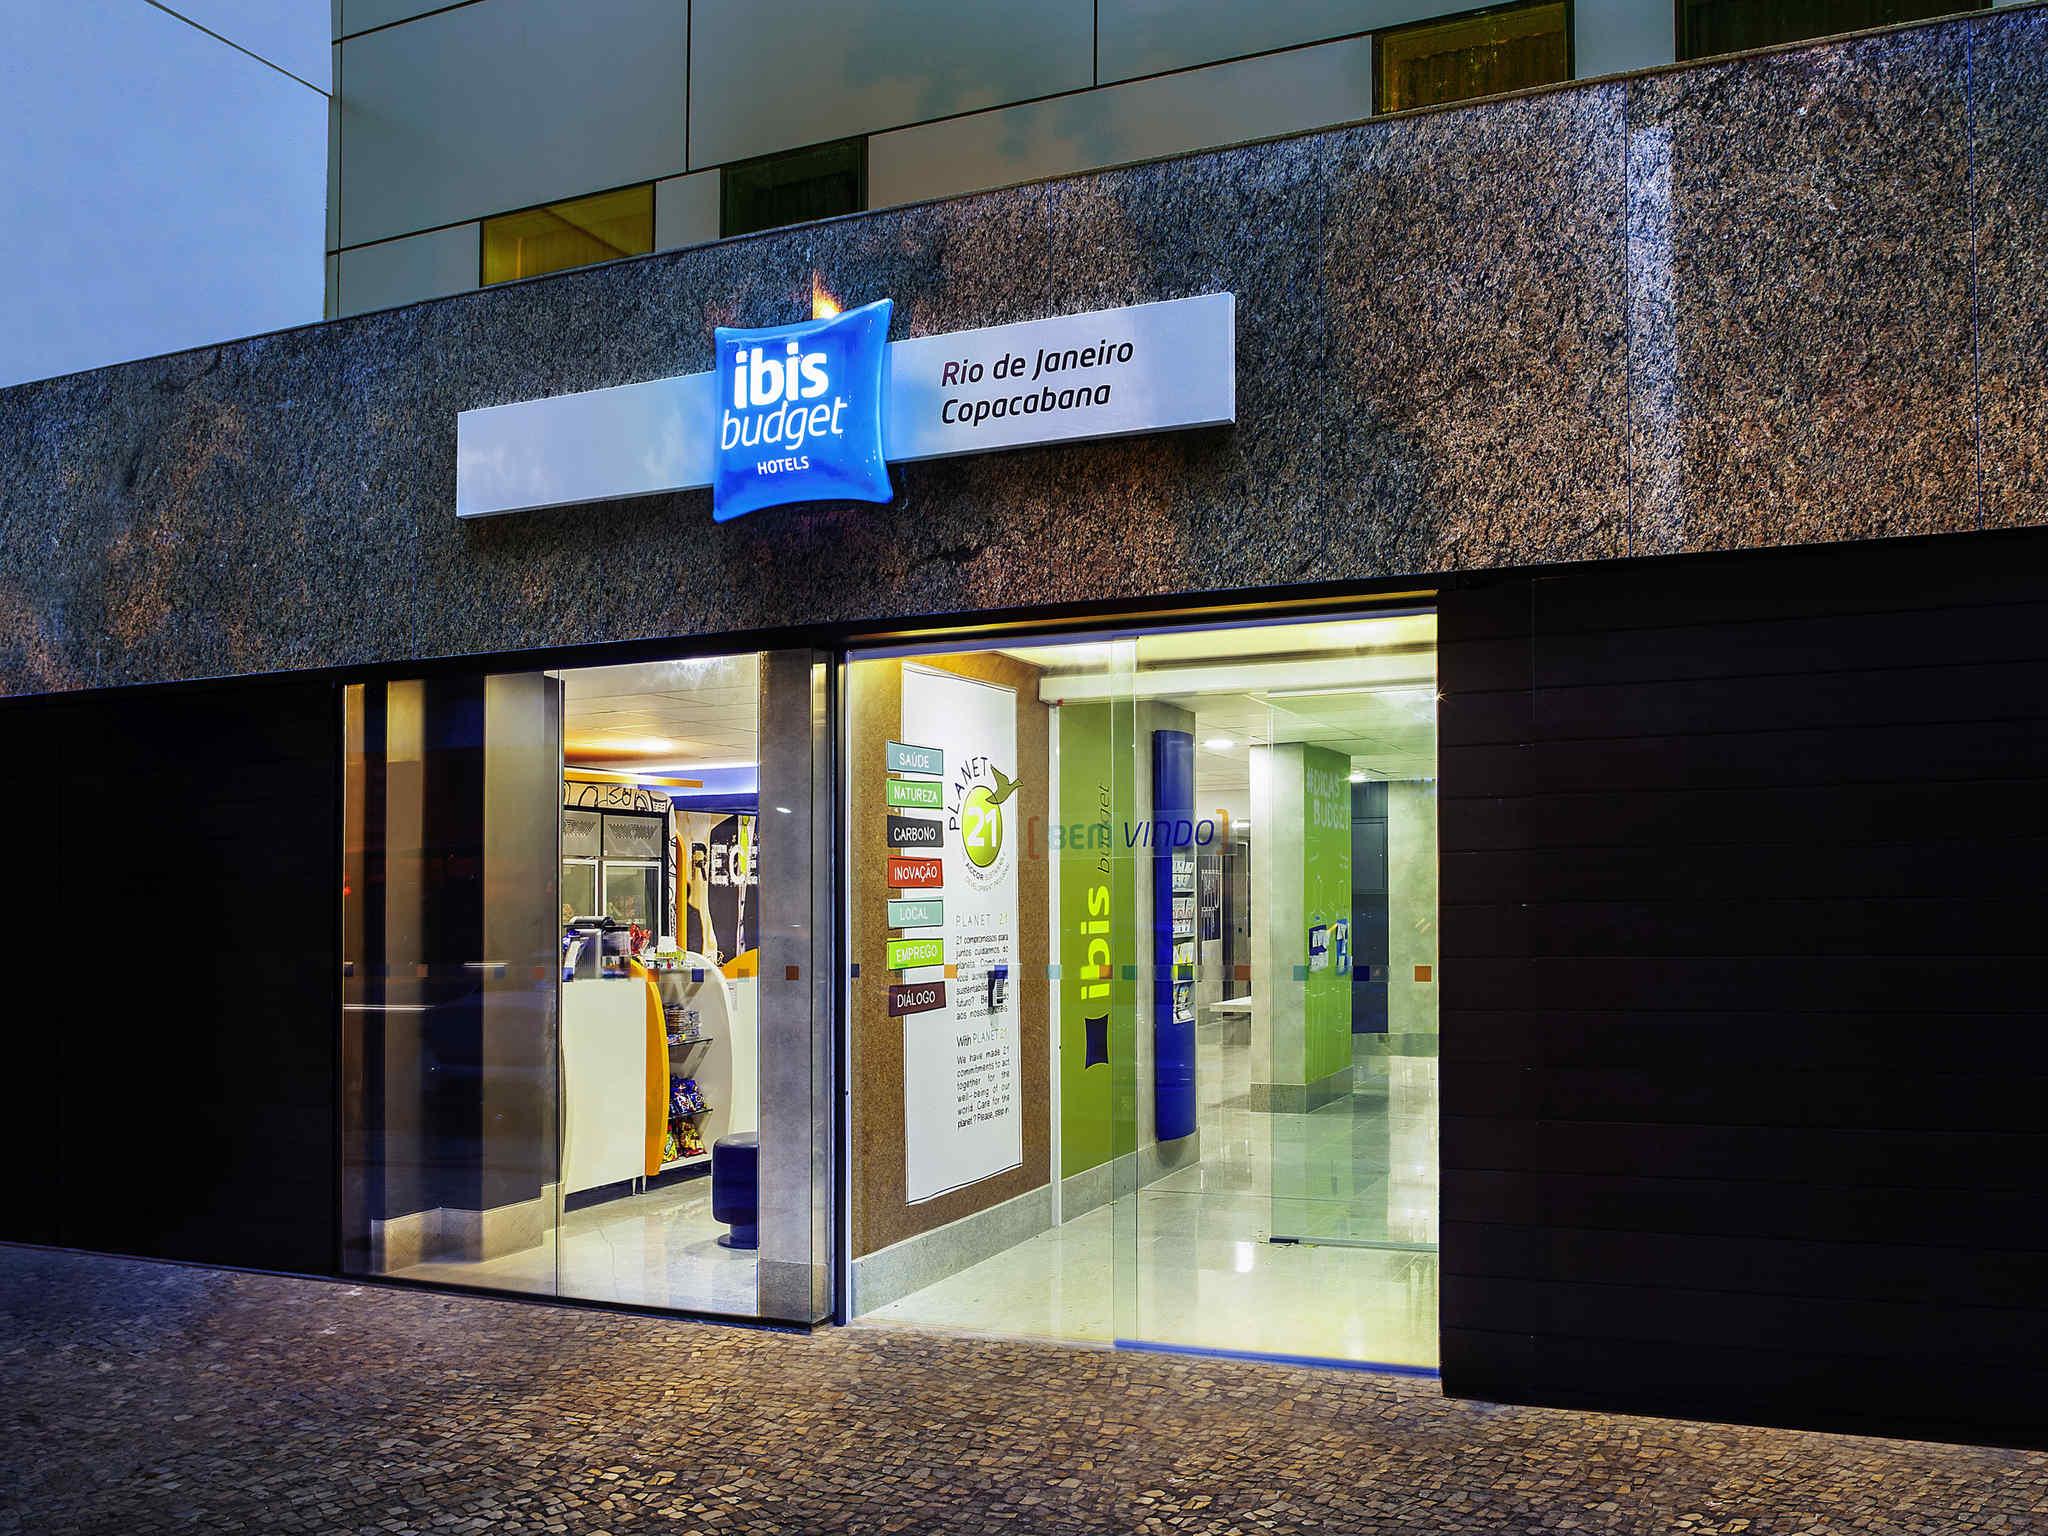 Hotell – ibis budget Rj Copacabana